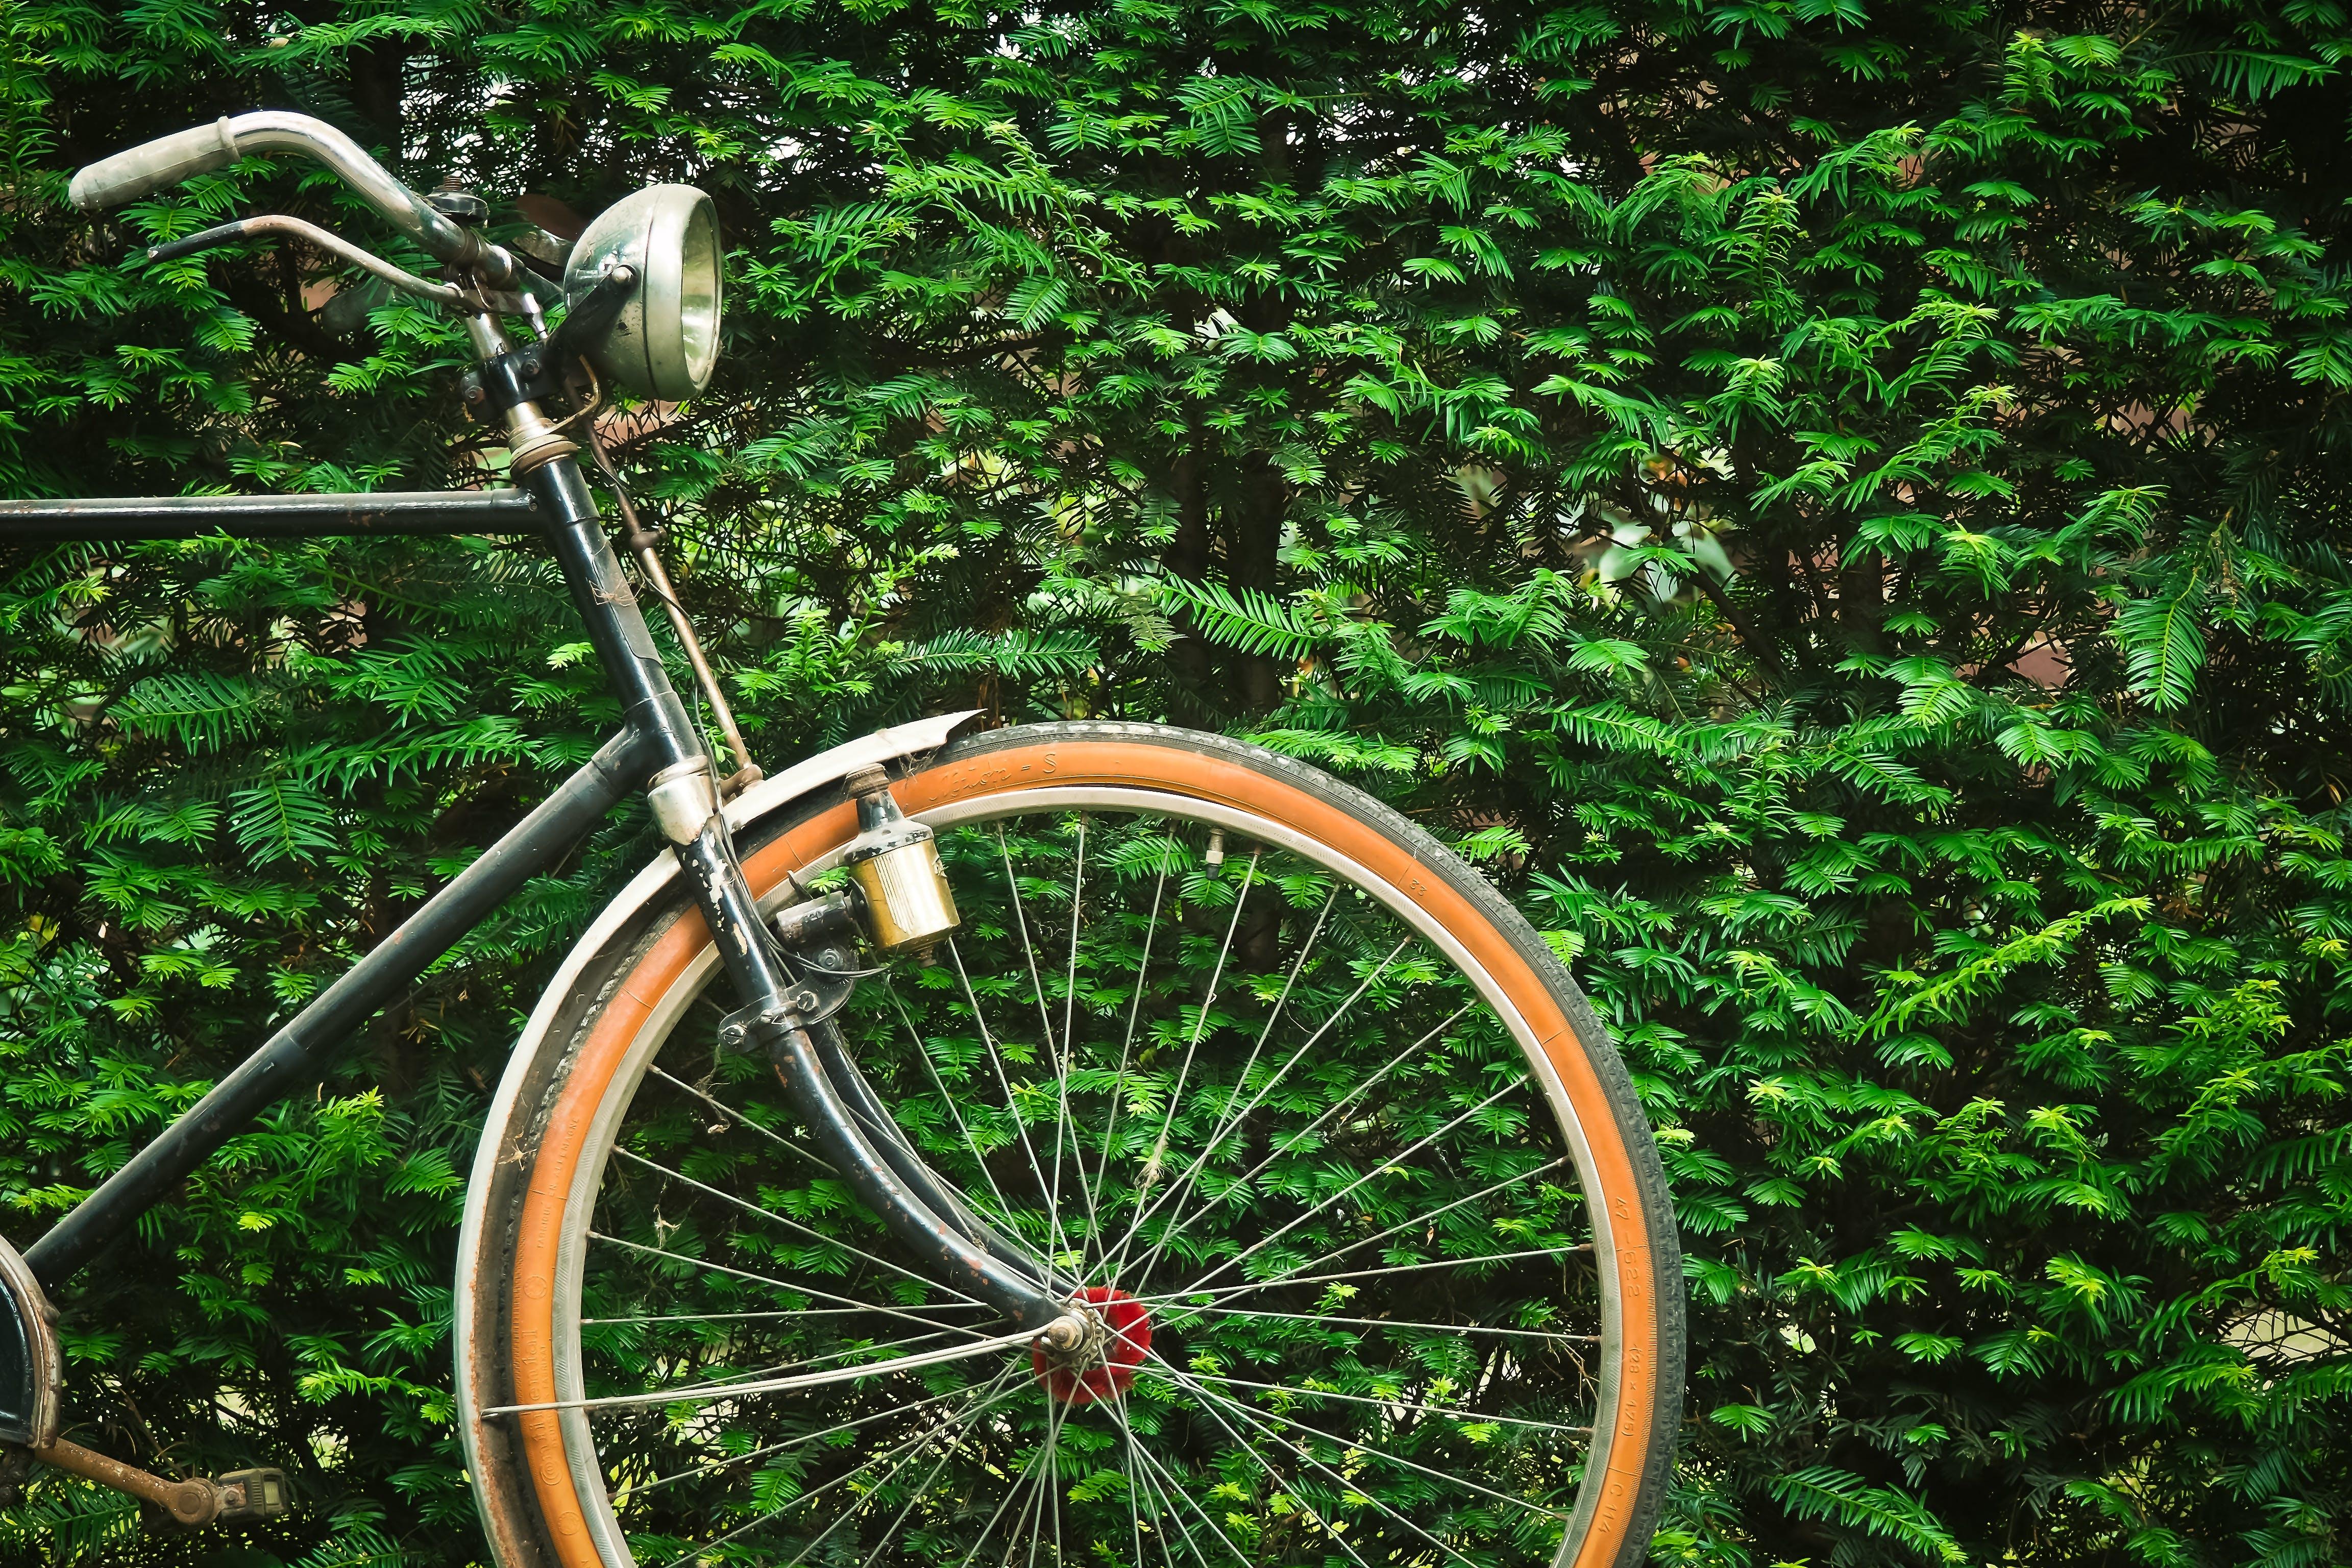 จักรยาน, ซี่ล้อ, ต้นไม้